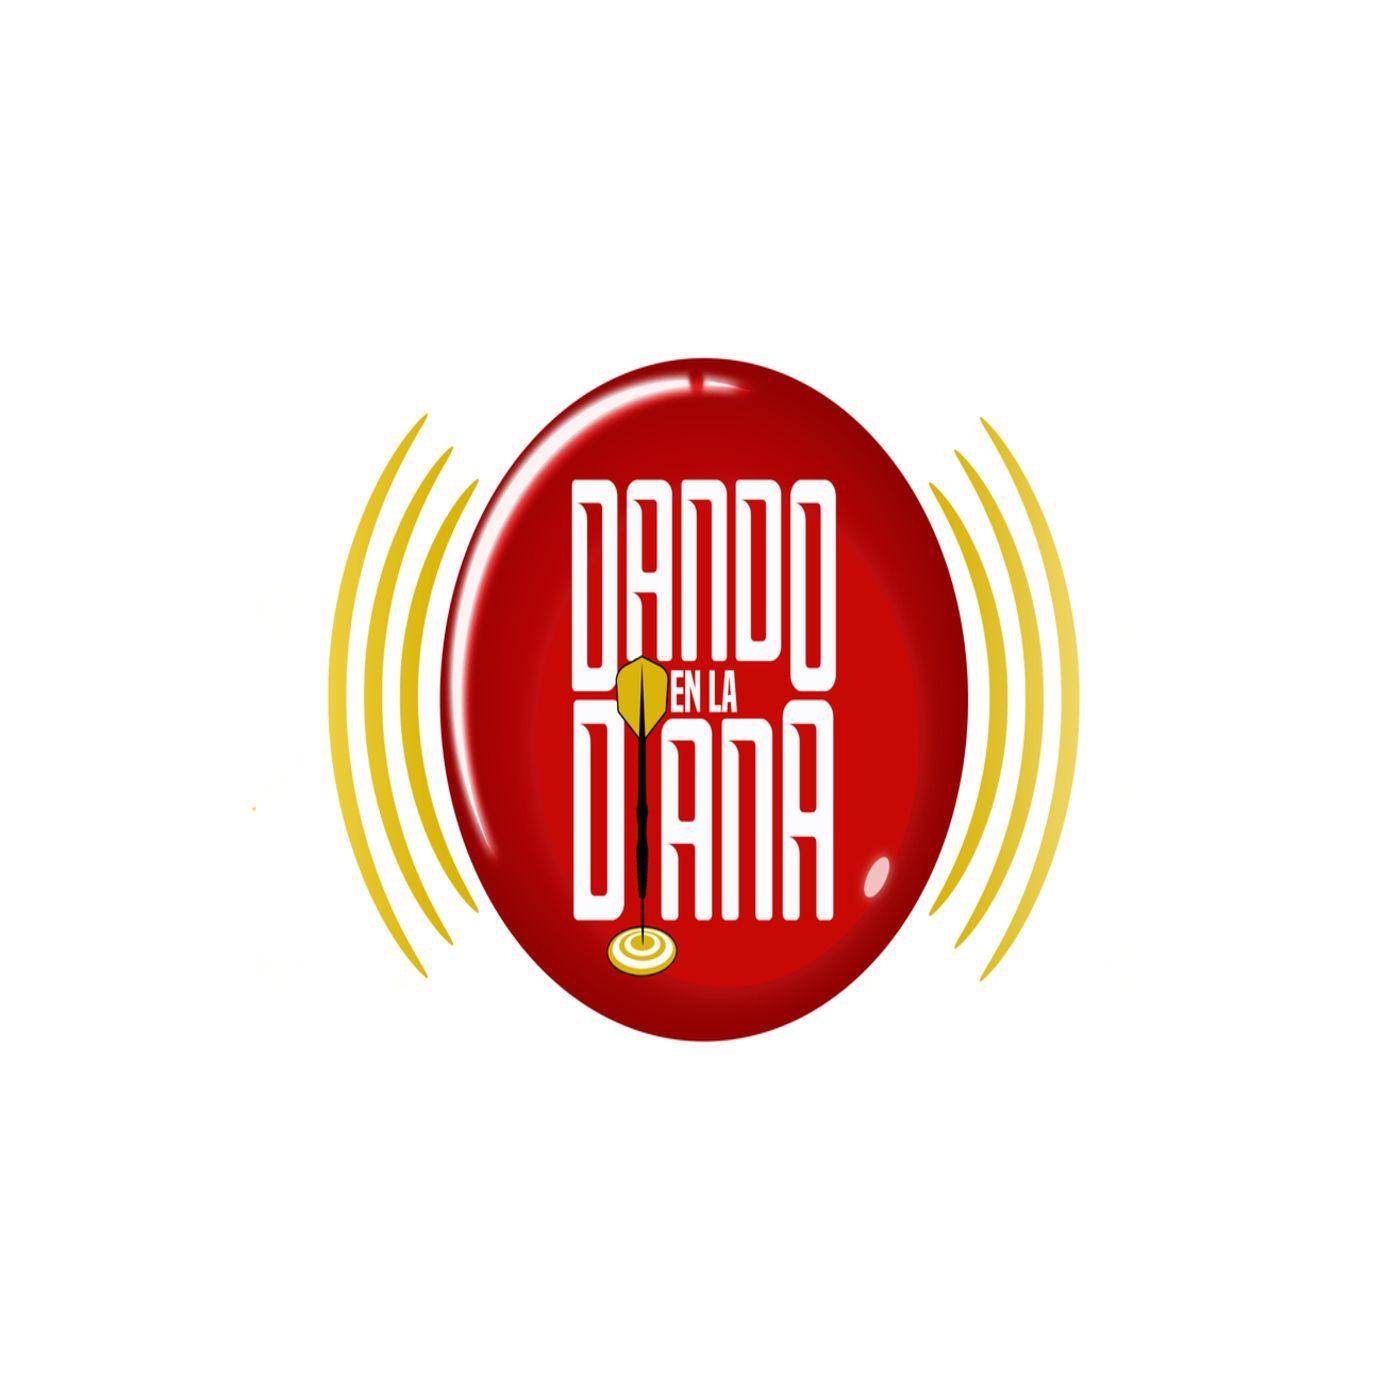 Dando en la Diana - Episodio 67 - 1ro Diciembre 2020 - Yinette Then Comprés / Ángela Suazo